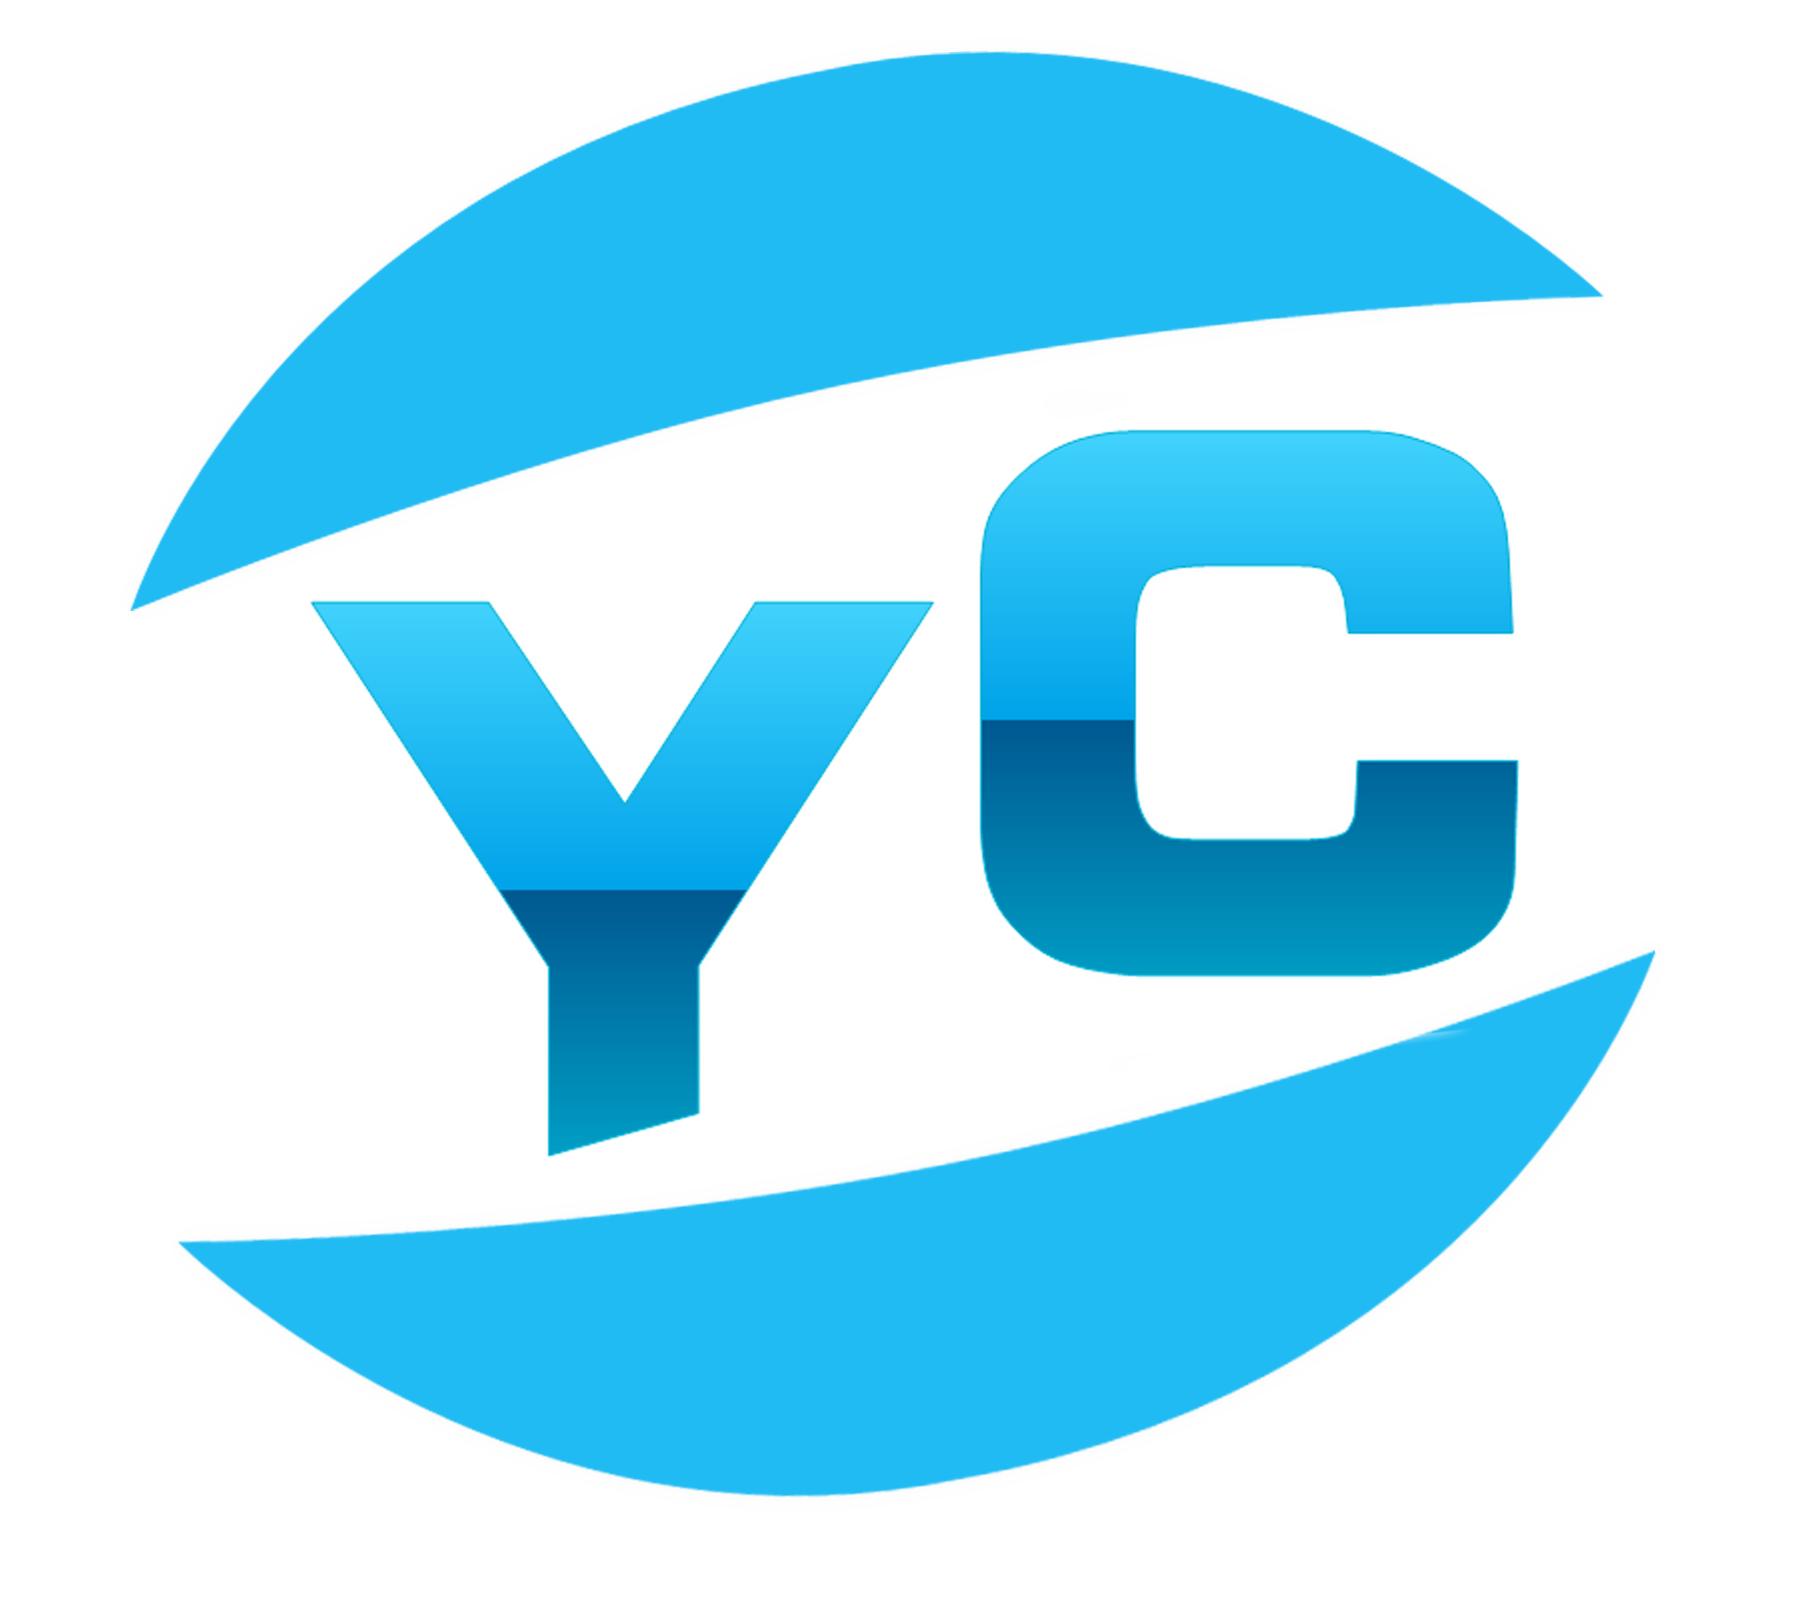 logo logo 标志 设计 矢量 矢量图 素材 图标 1800_1620